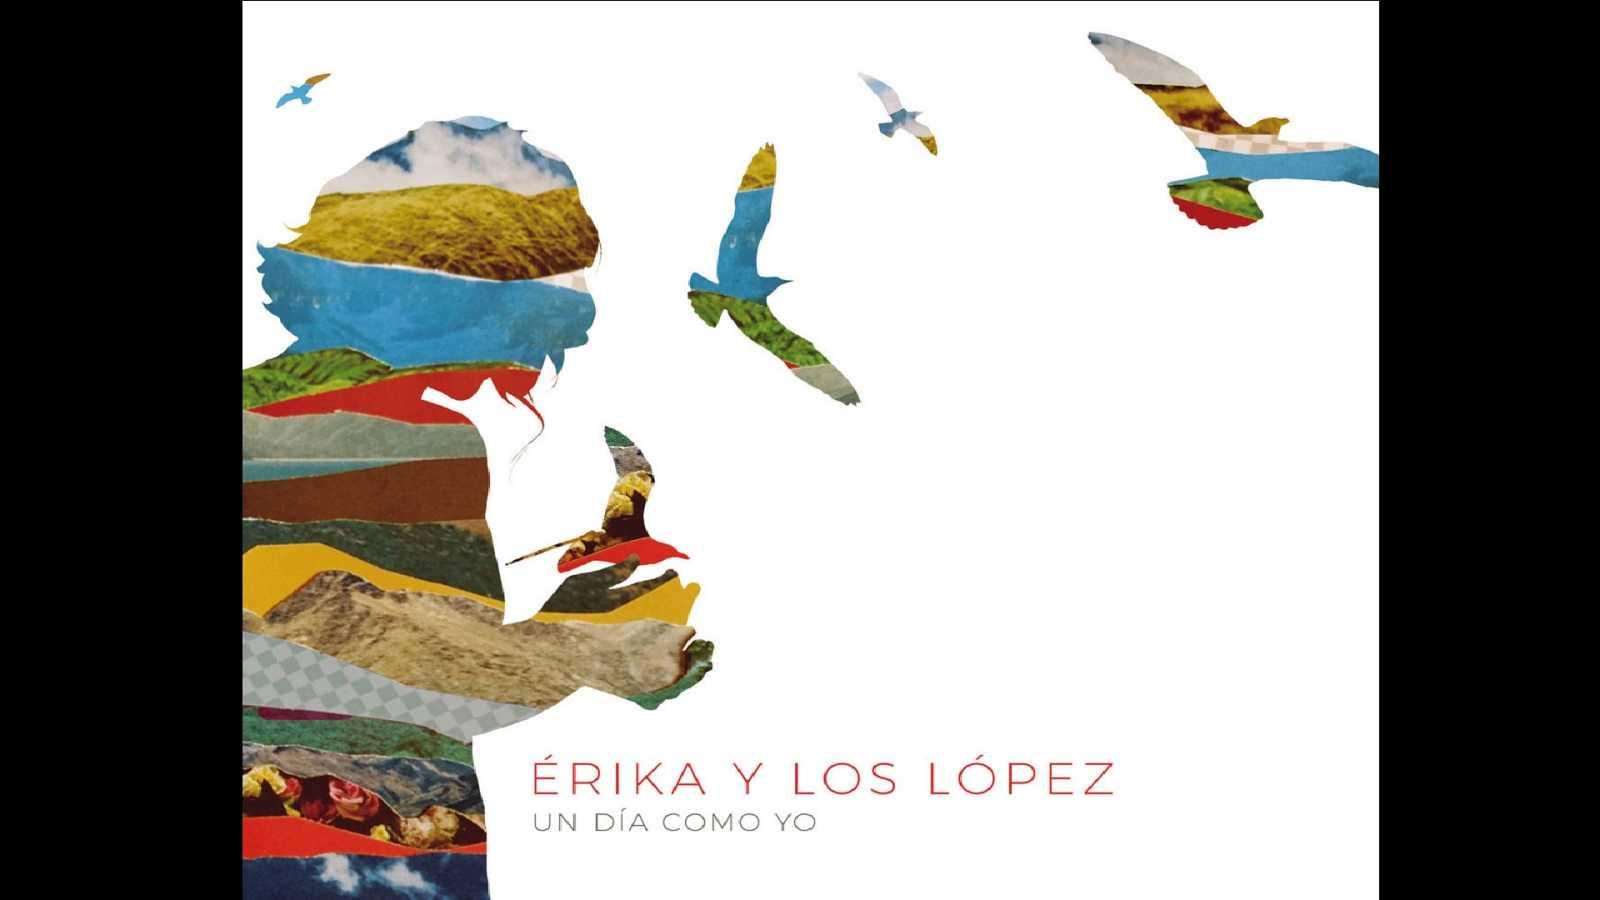 La LiBéLuLa - Un día como yo (Erika y los López) - 26/06/20 - escuchar ahora